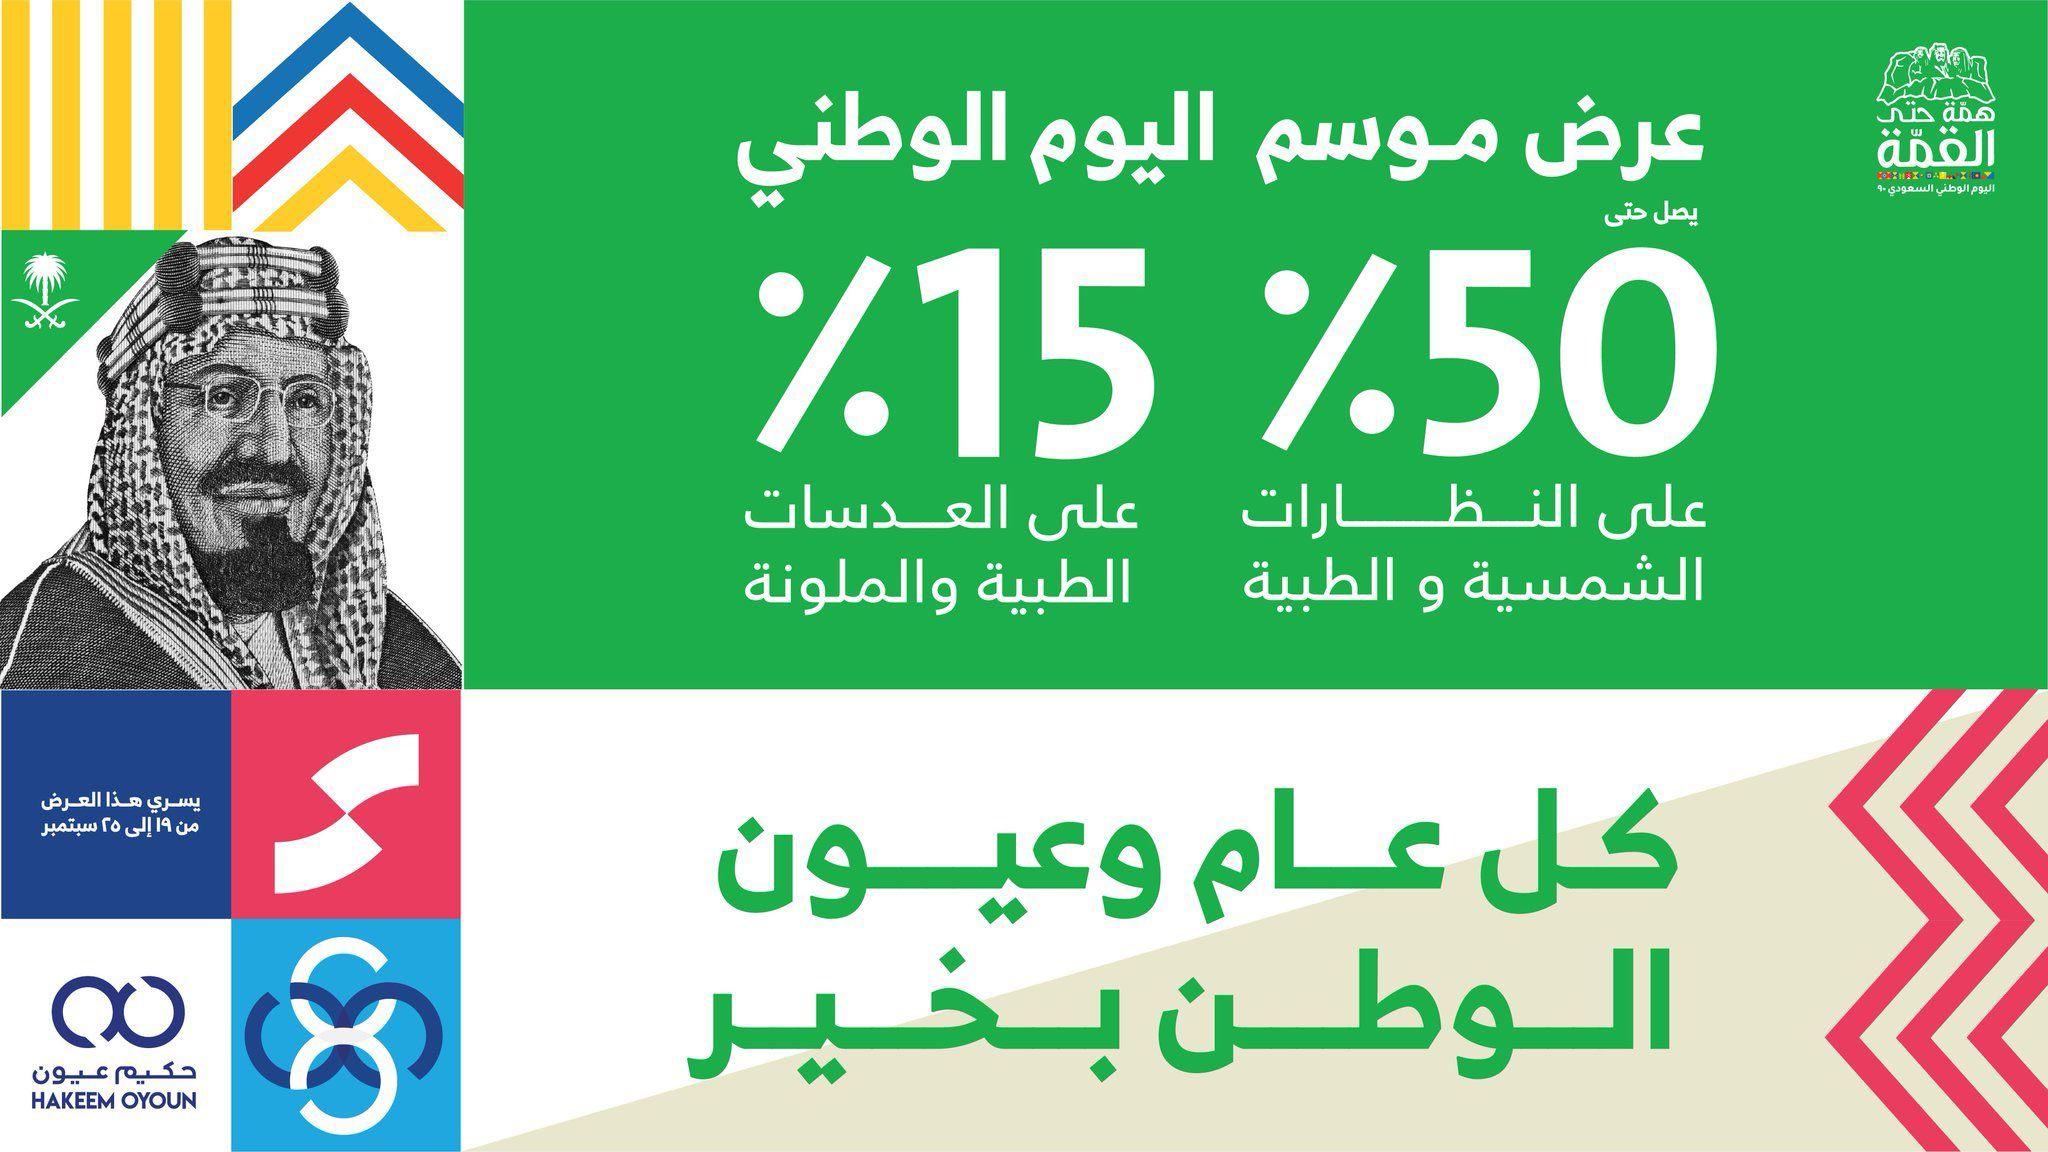 عروض اليوم الوطني 90 عروض حكيم عيون خصم يبدأ من 15 الي 50 عروض اليوم National Day Day National